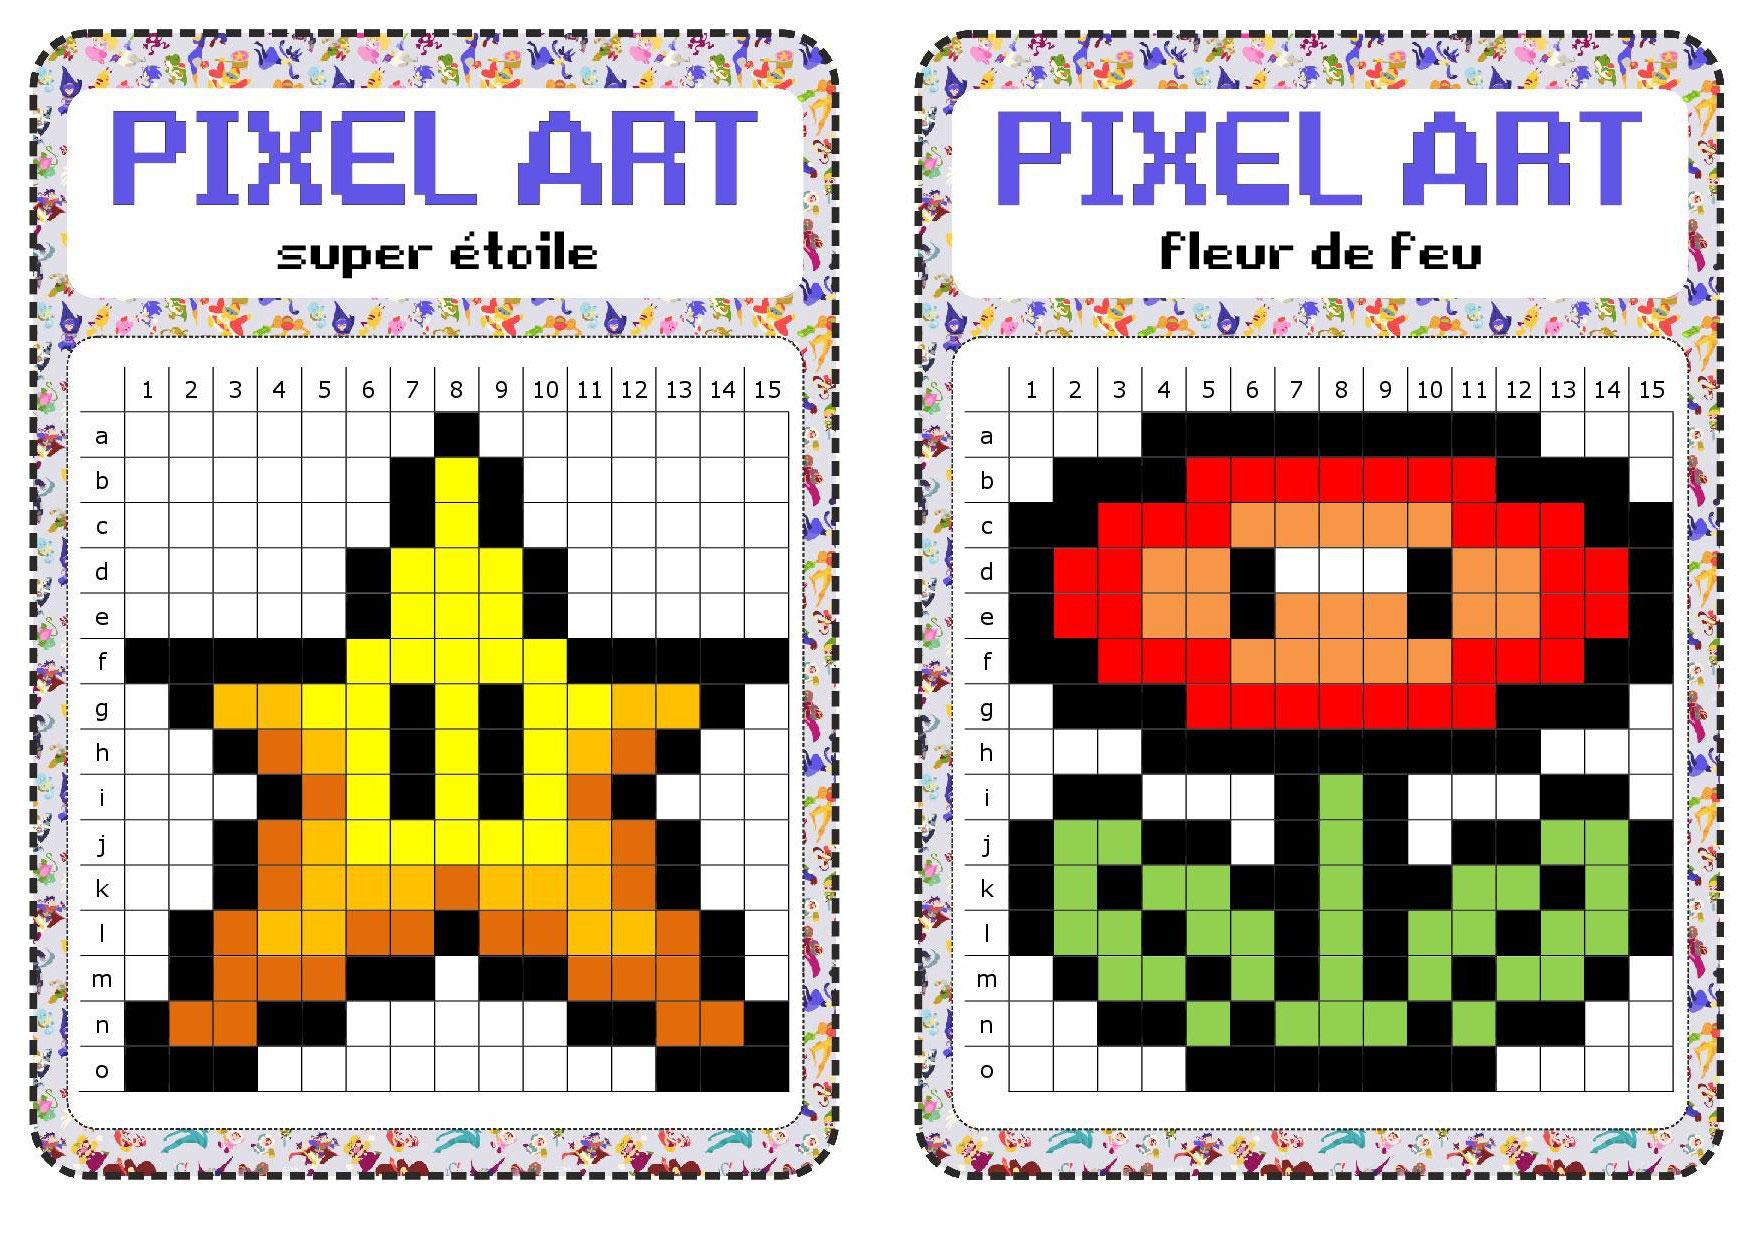 Atelier Libre : Pixel Art - Fiches De Préparations (Cycle1 concernant Reproduction Sur Quadrillage Ce1